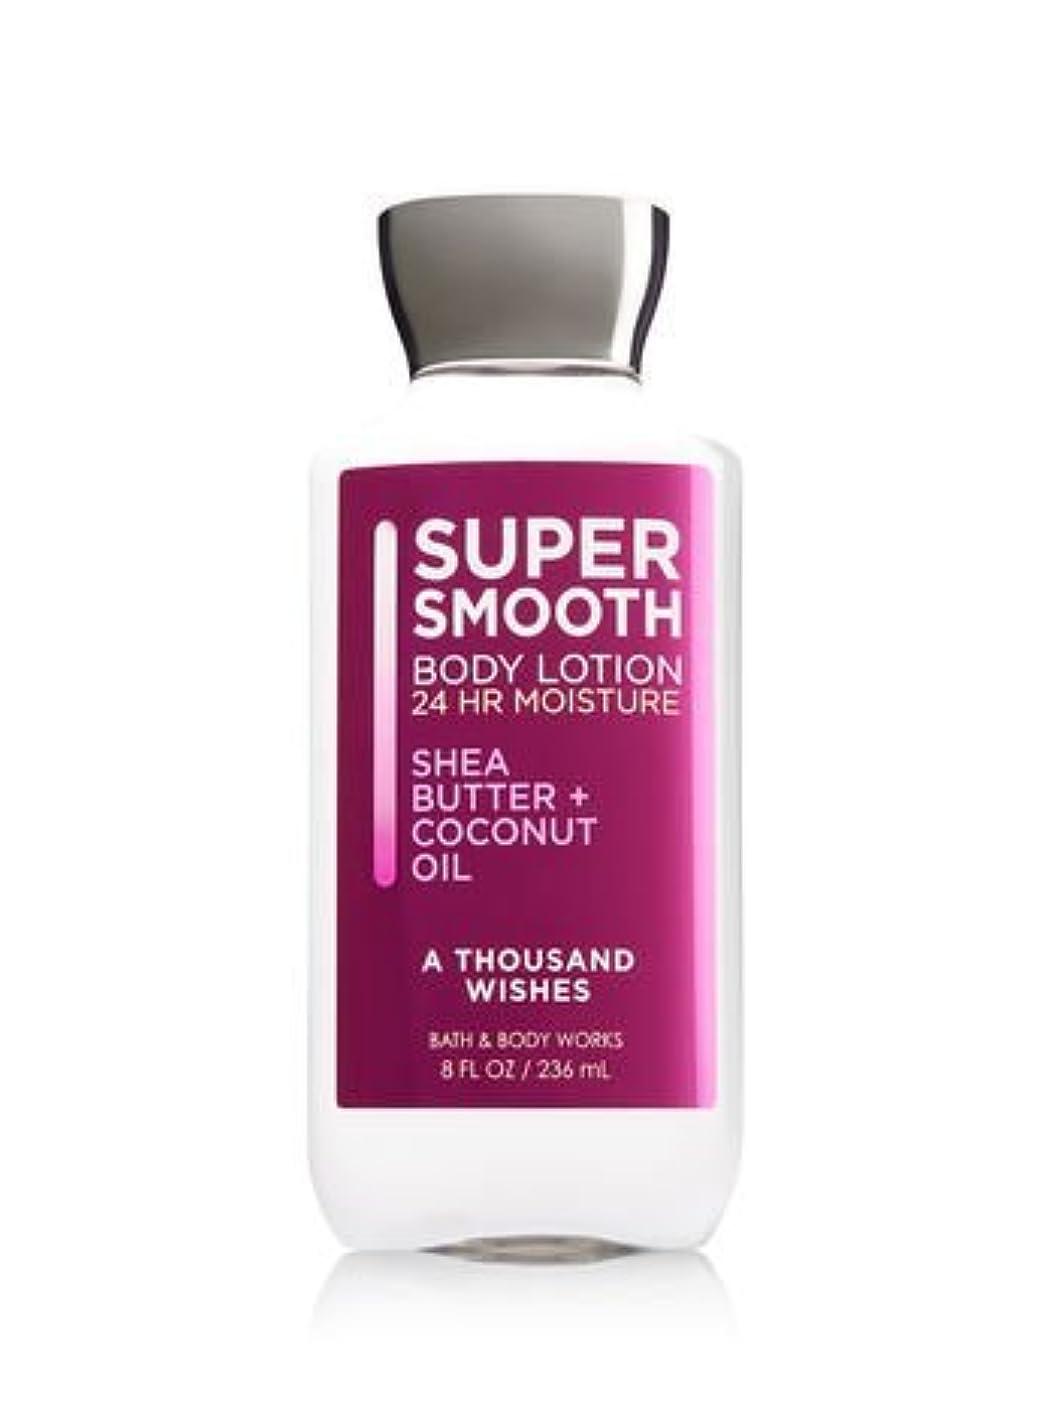 大量寝るエピソード【Bath&Body Works/バス&ボディワークス】 ボディローション アサウザンドウィッシュ Super Smooth Body Lotion A Thousand Wishes 8 fl oz / 236 mL...